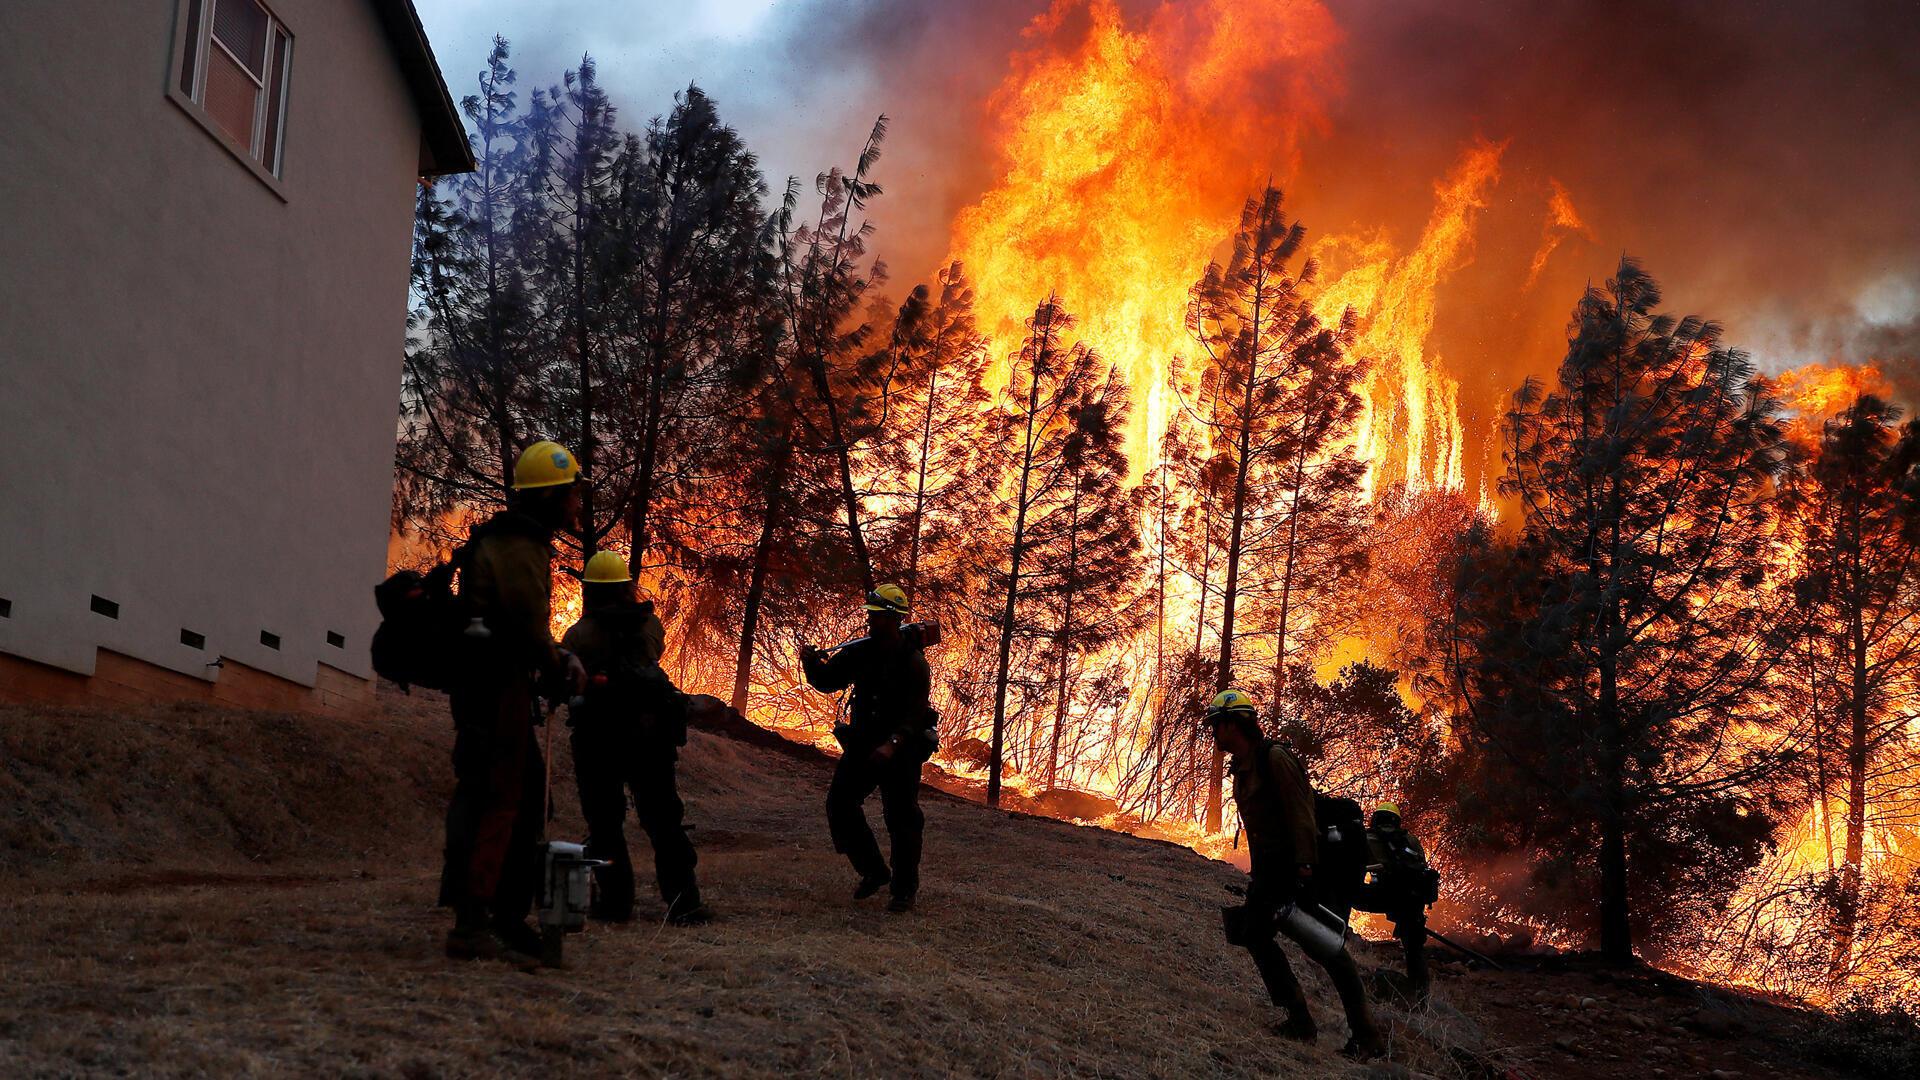 De los 13 muertos encontrados este lunes 12 de noviembre, 10 estaban en la ciudad de Paradise, de 26.000 habitantes y que fue completamente engullida por las llamas.